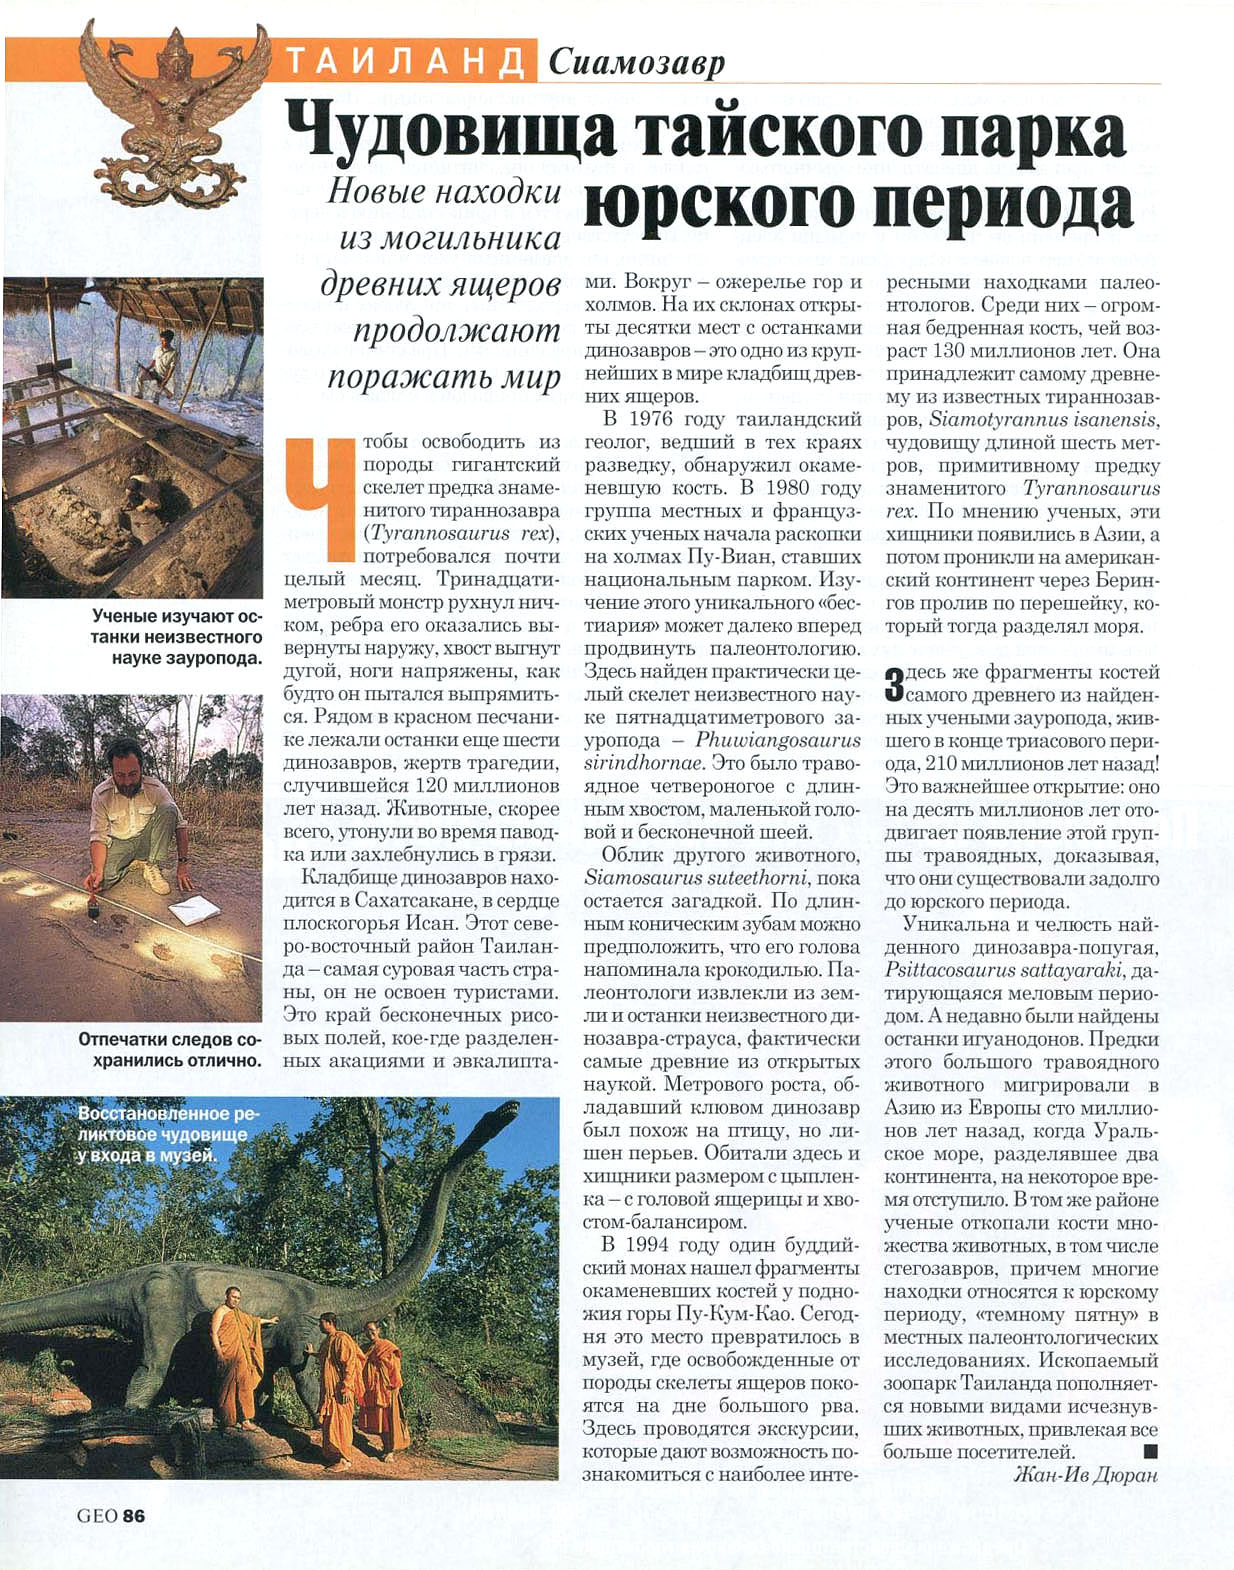 GEO-Rus_2003-03_11.jpg